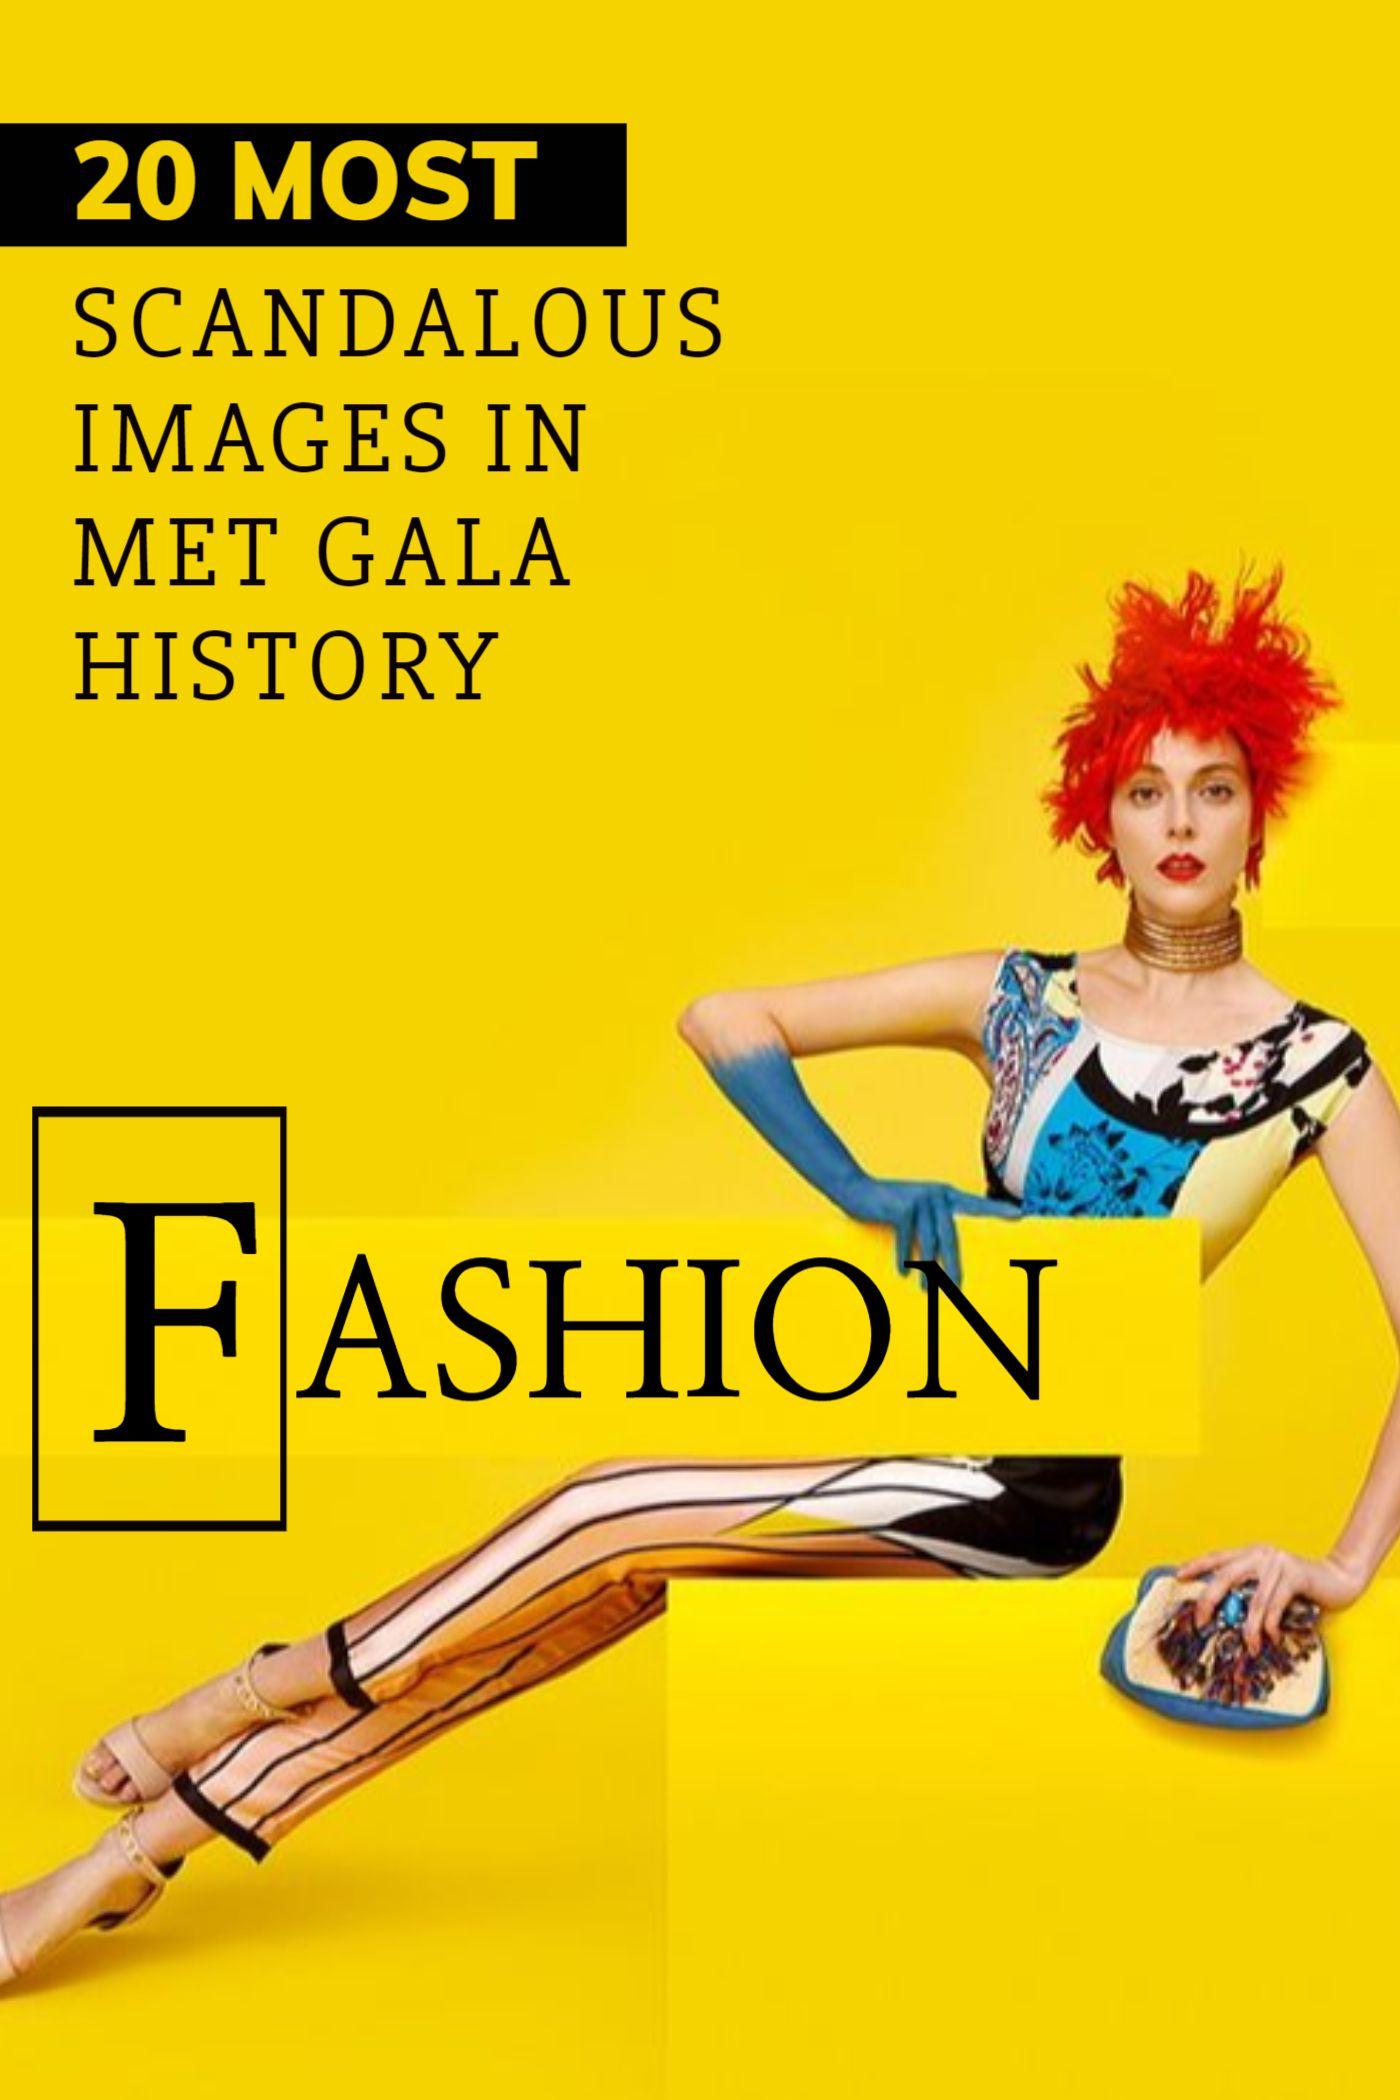 Fashion Magazine Template Design